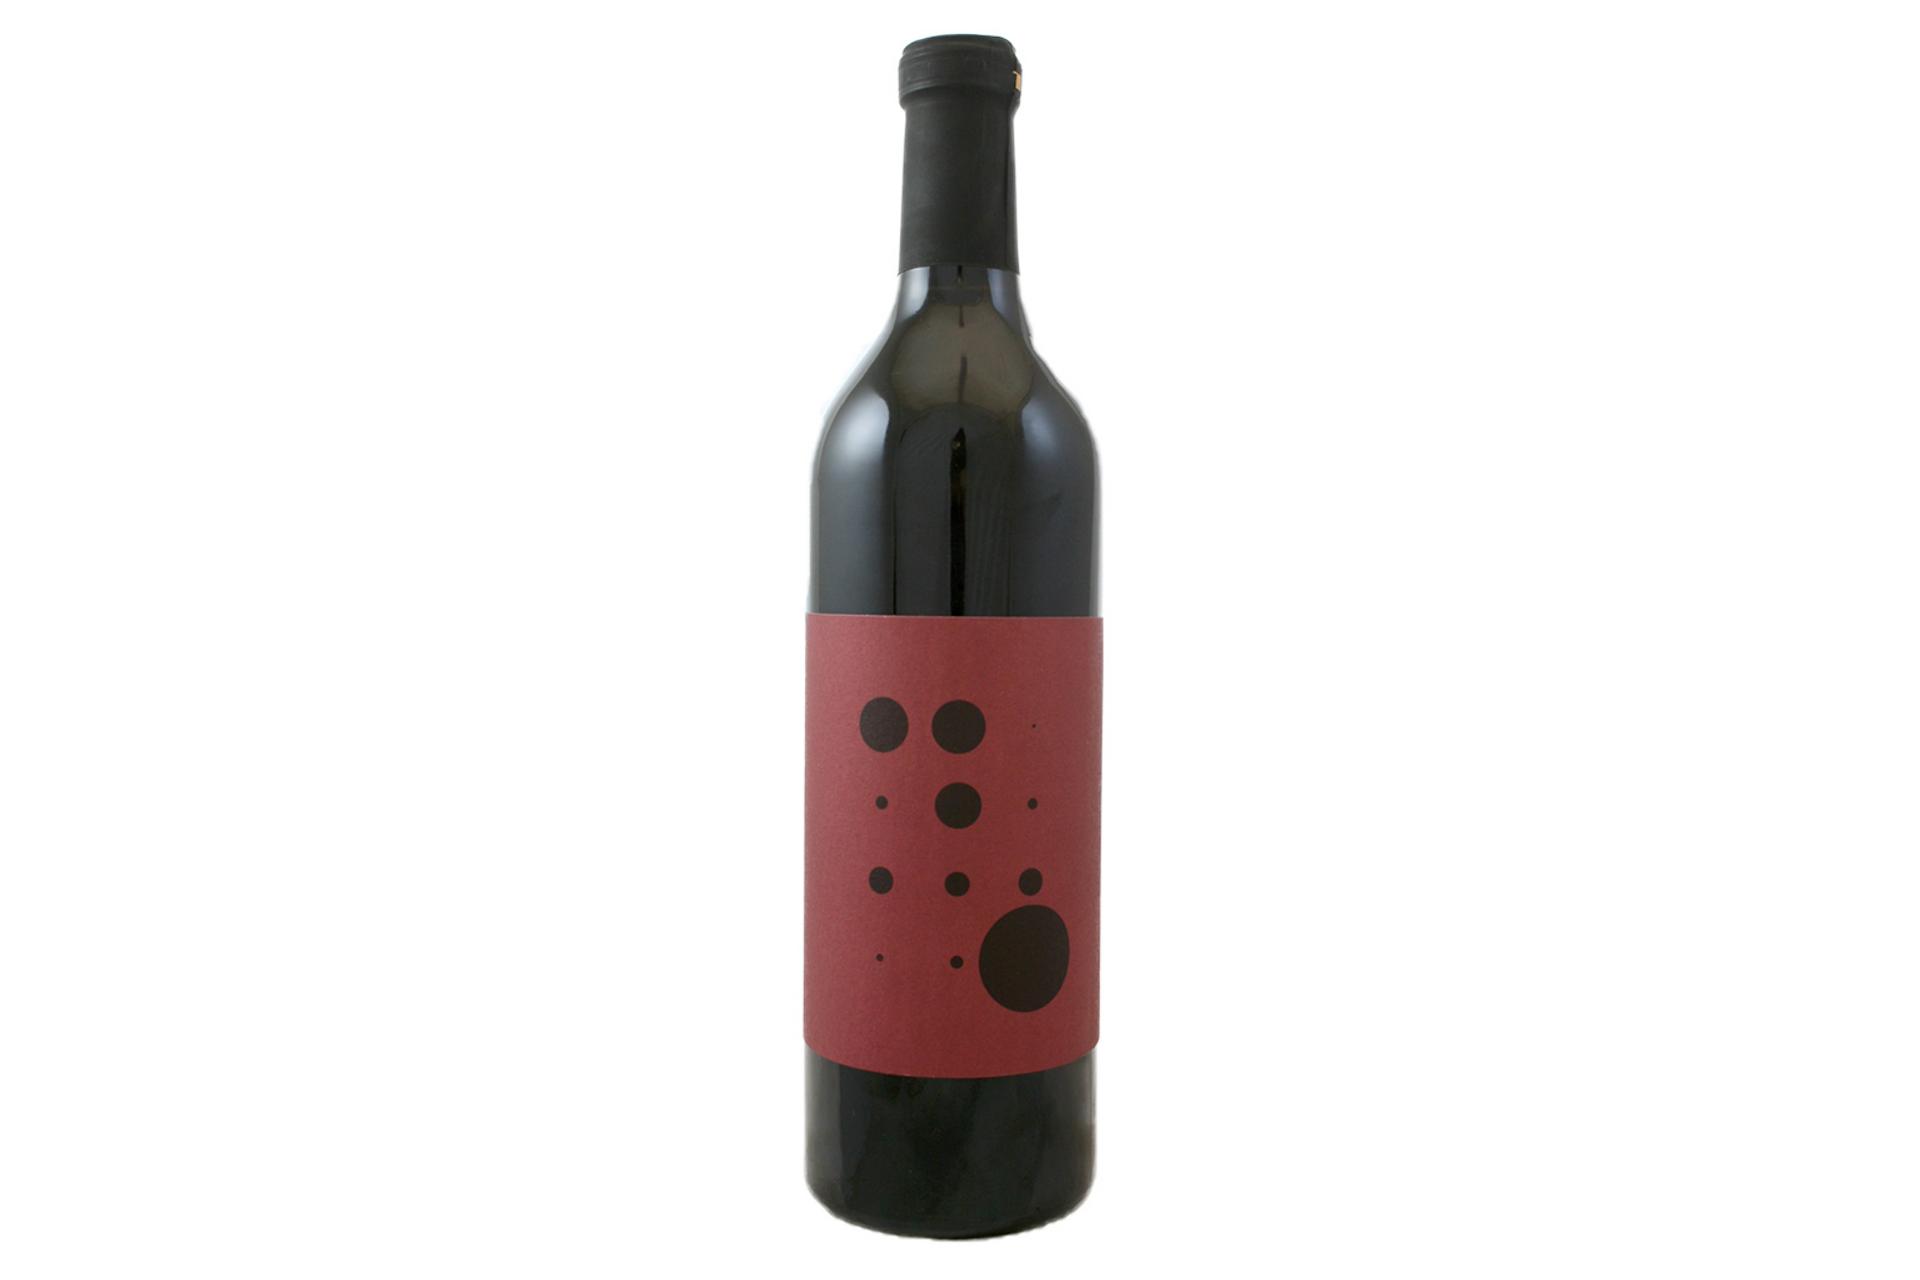 Piquentum Refosk |Red Wine|Croatia|